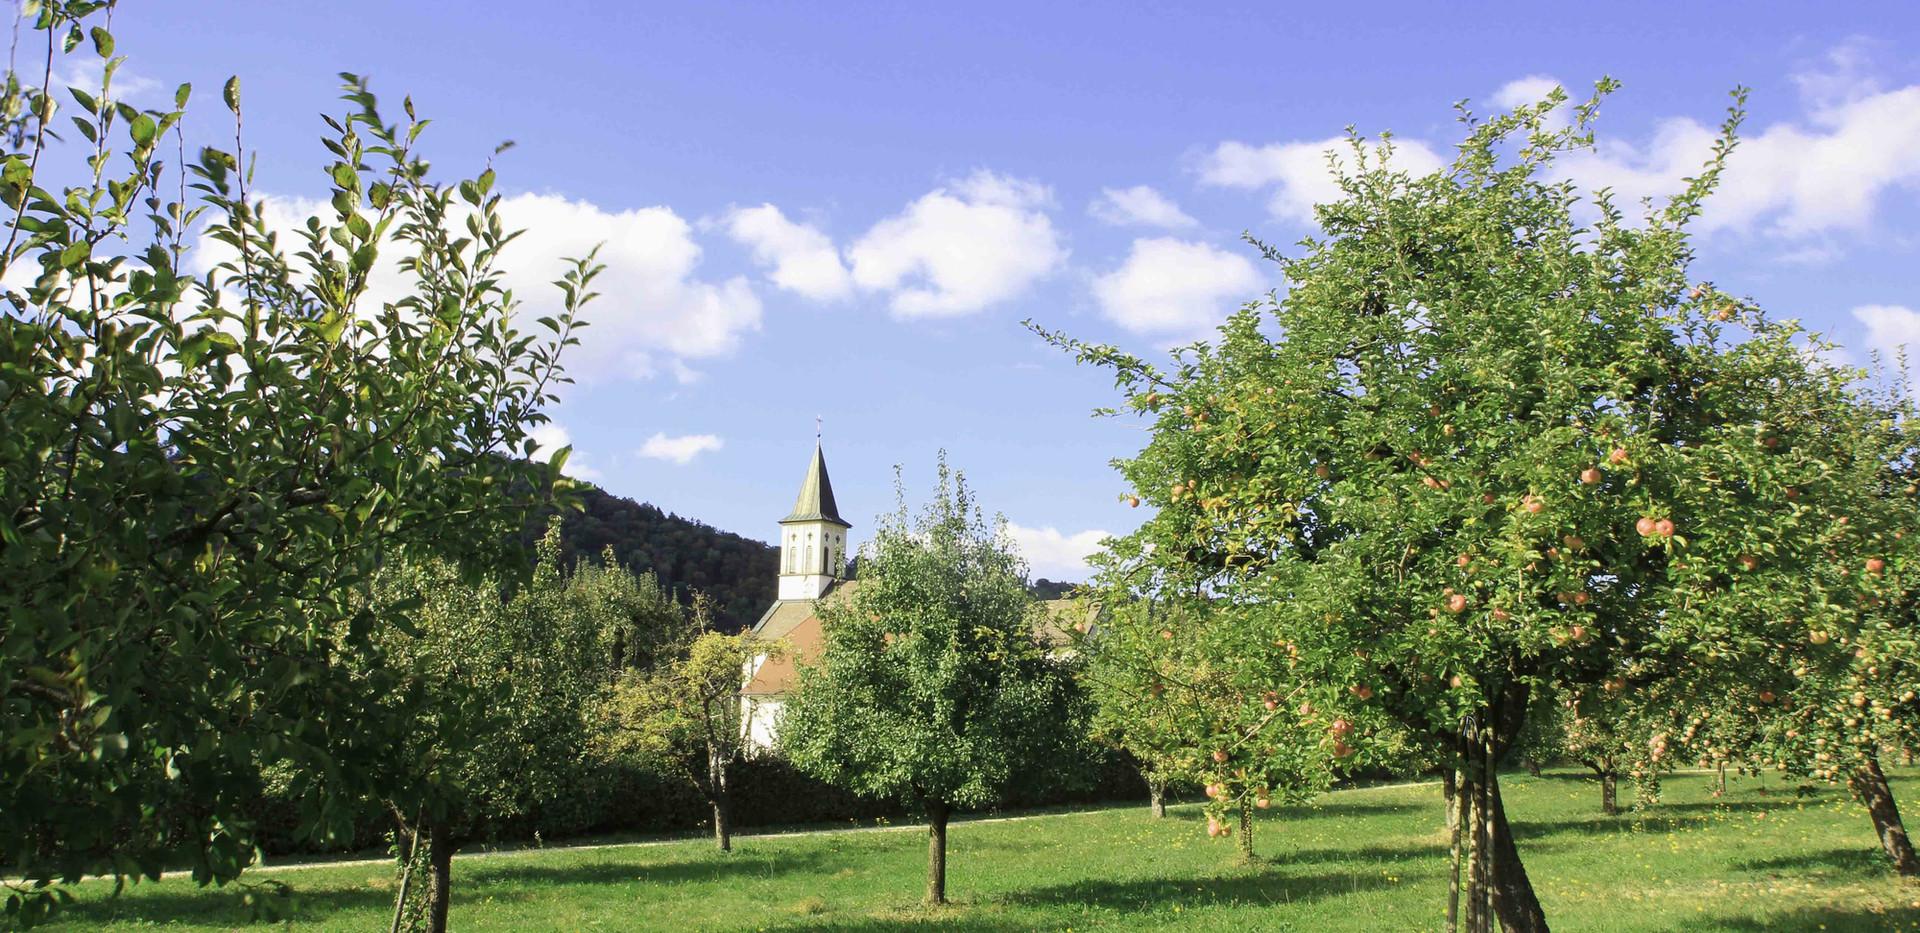 Kirche Stahringen